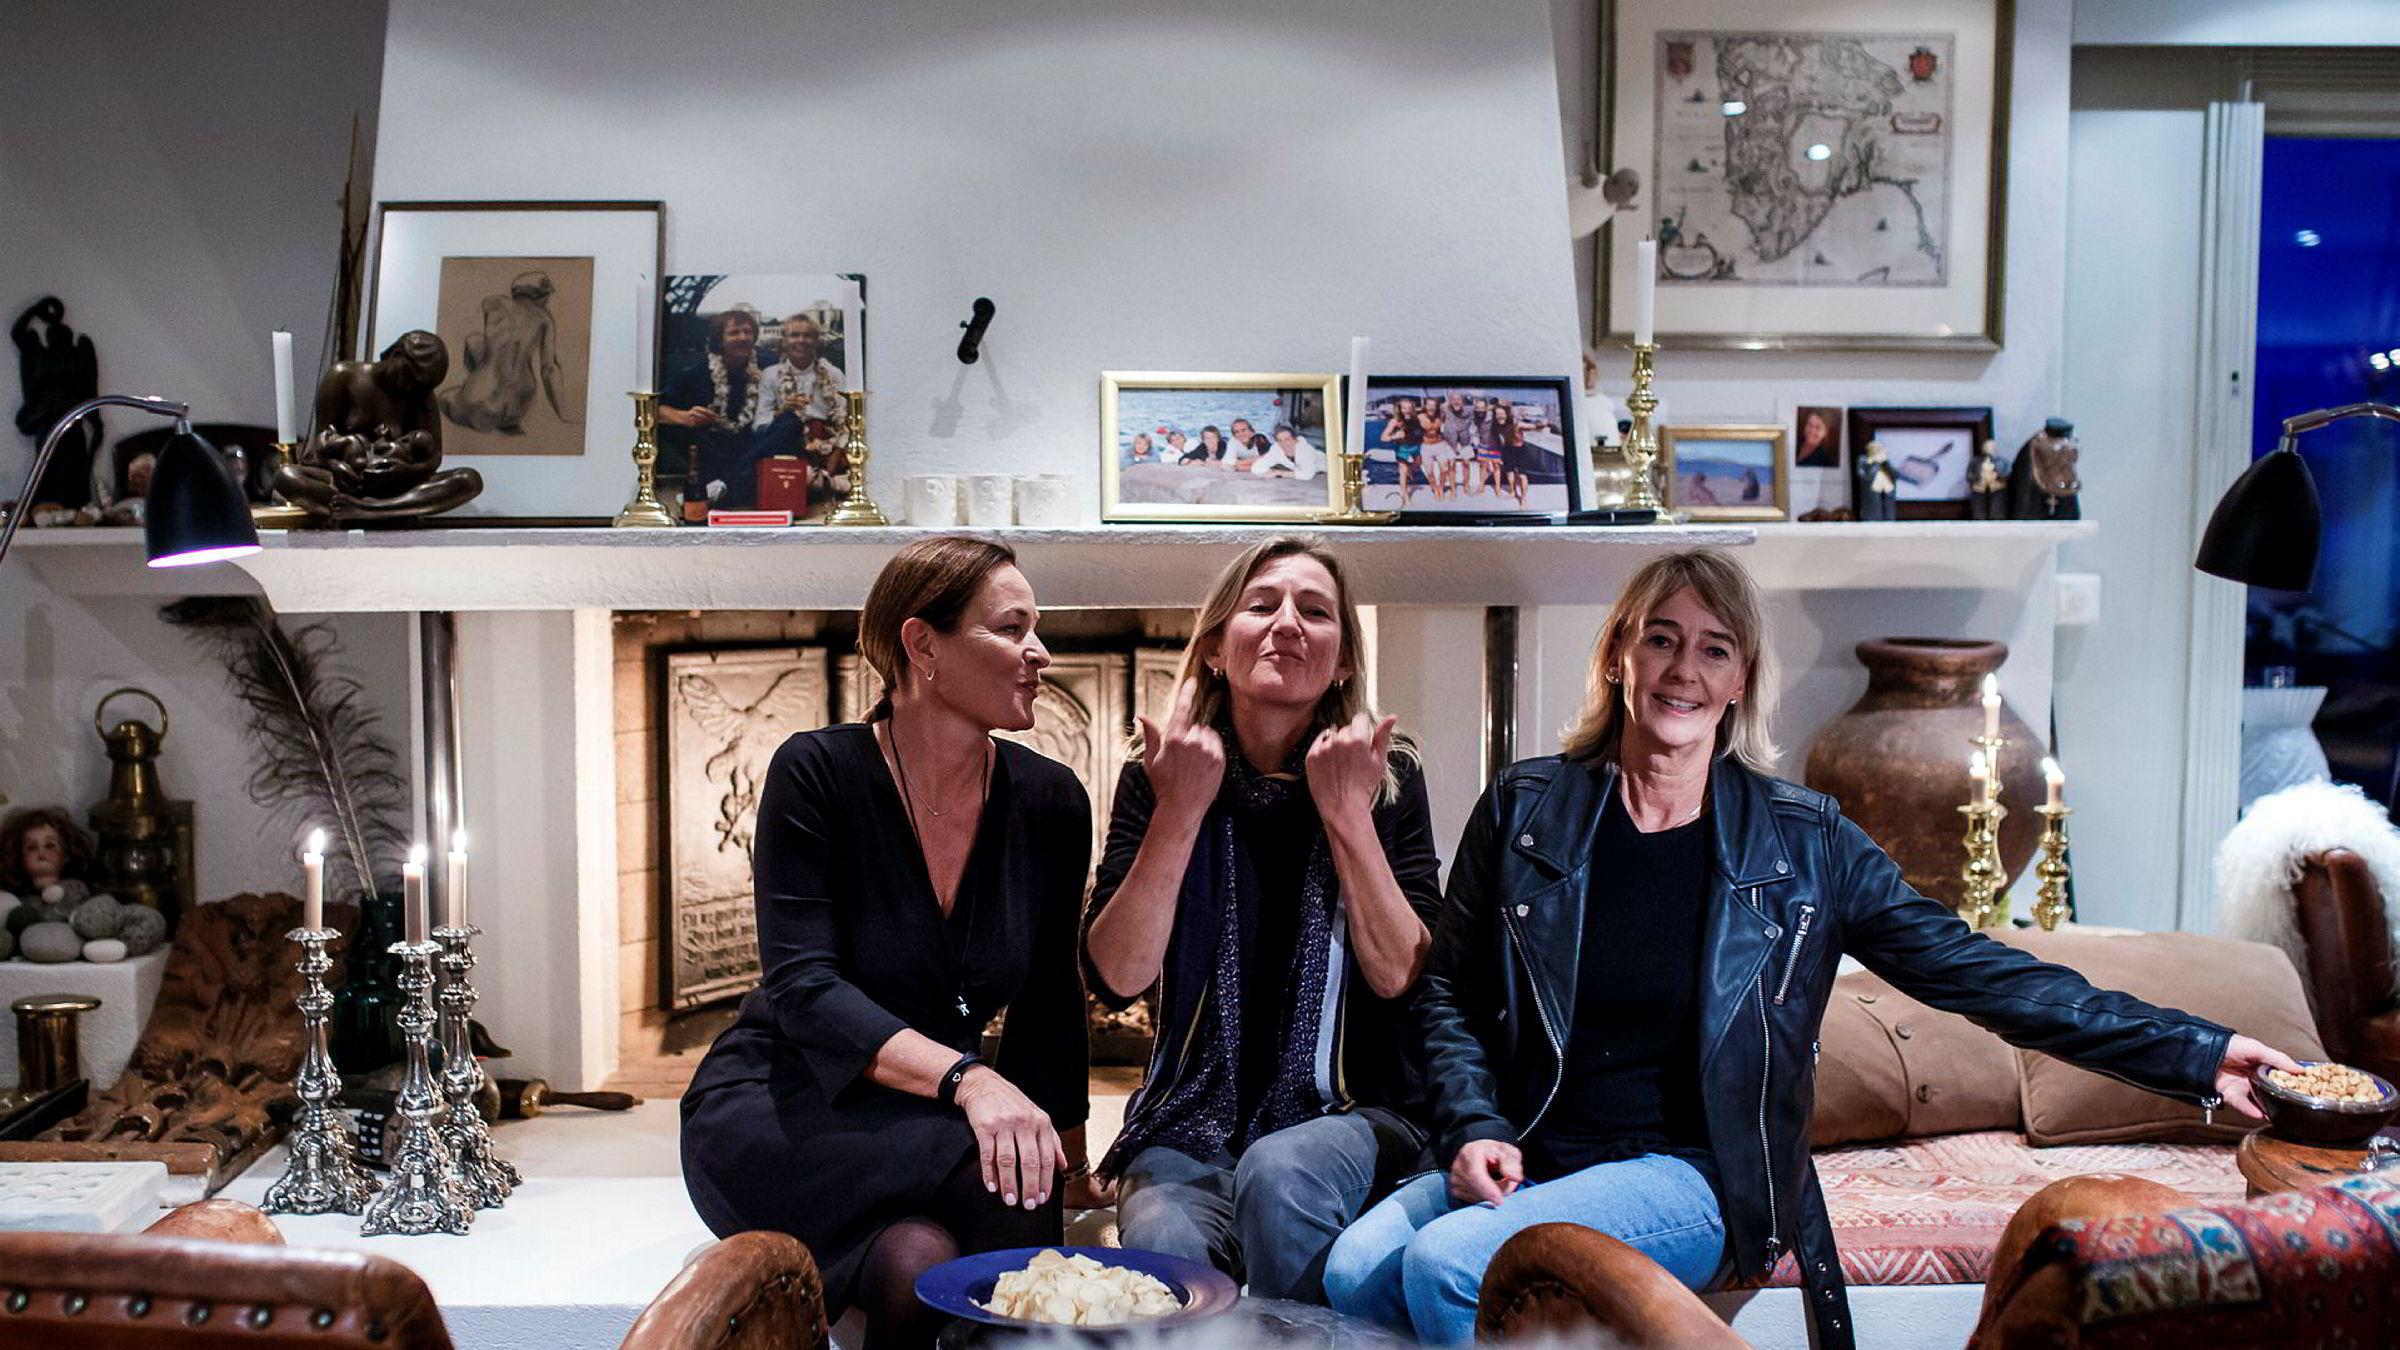 Restaurant-gründerne Gry Holm, Anne Kristi Koppang, Kristin Gjelseth gikk i minus i sitt felles investeringsselskap Drueklasen as i fjor.